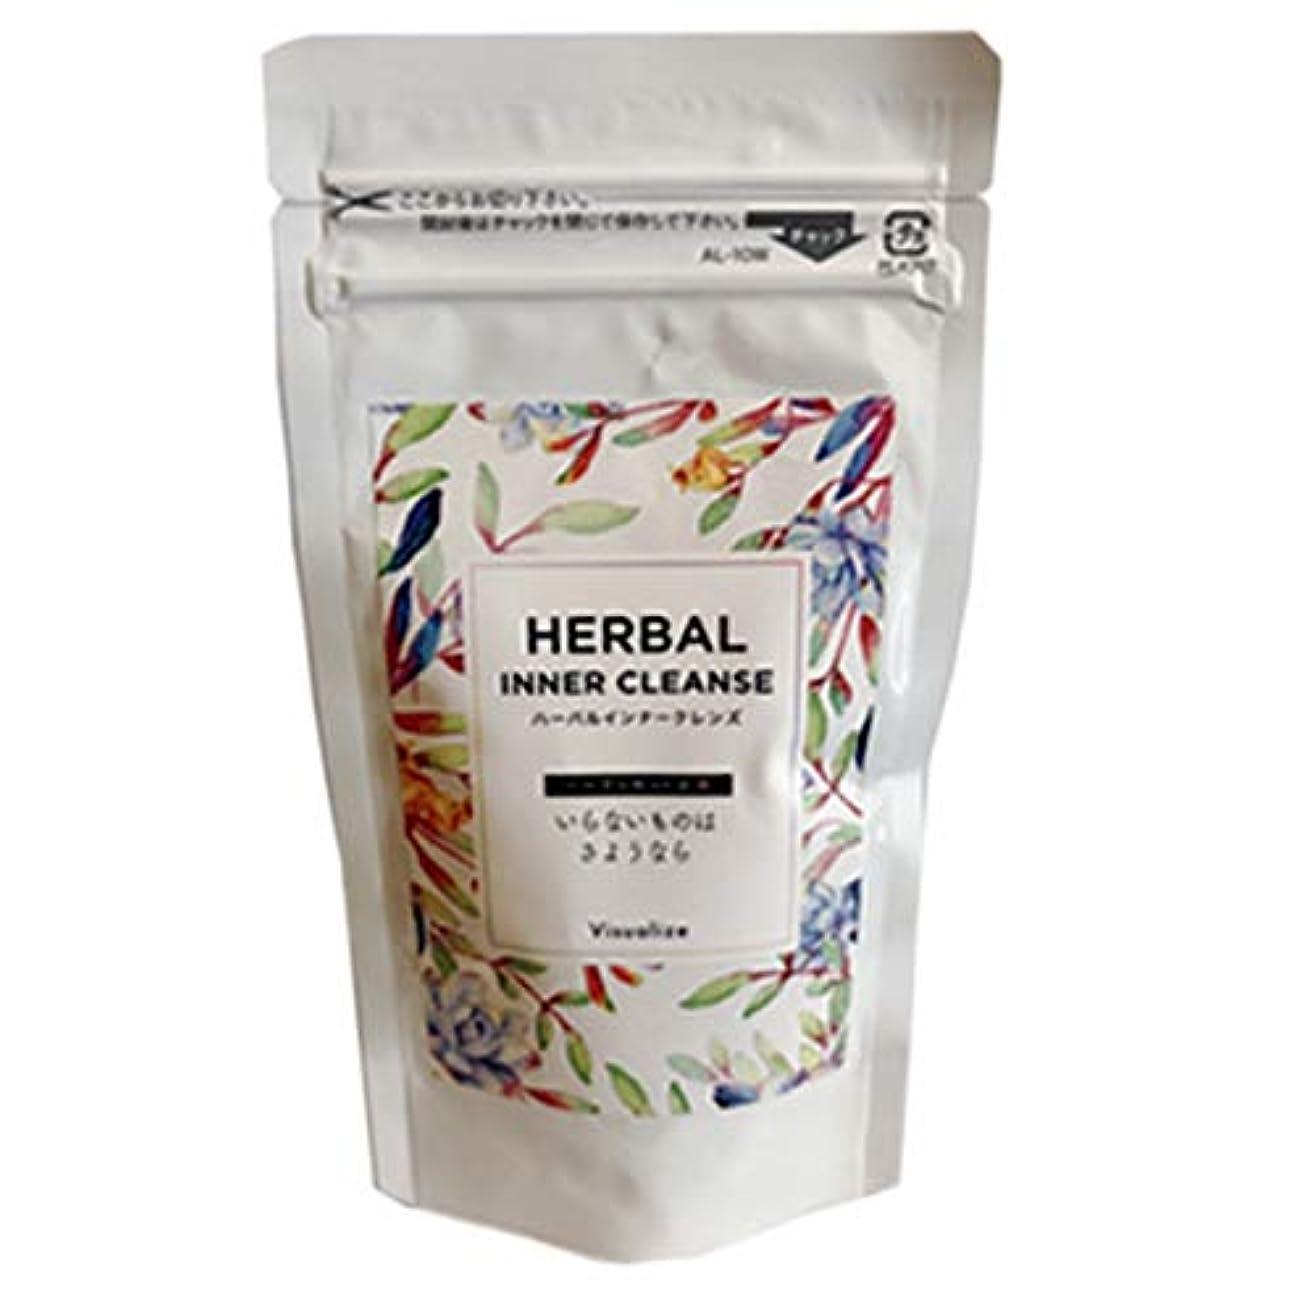 お風呂を持っている上院費用ハーバルインナークレンズ Herbal INNER CLEANZE (150粒(tablets))2019/1/8より順次発送